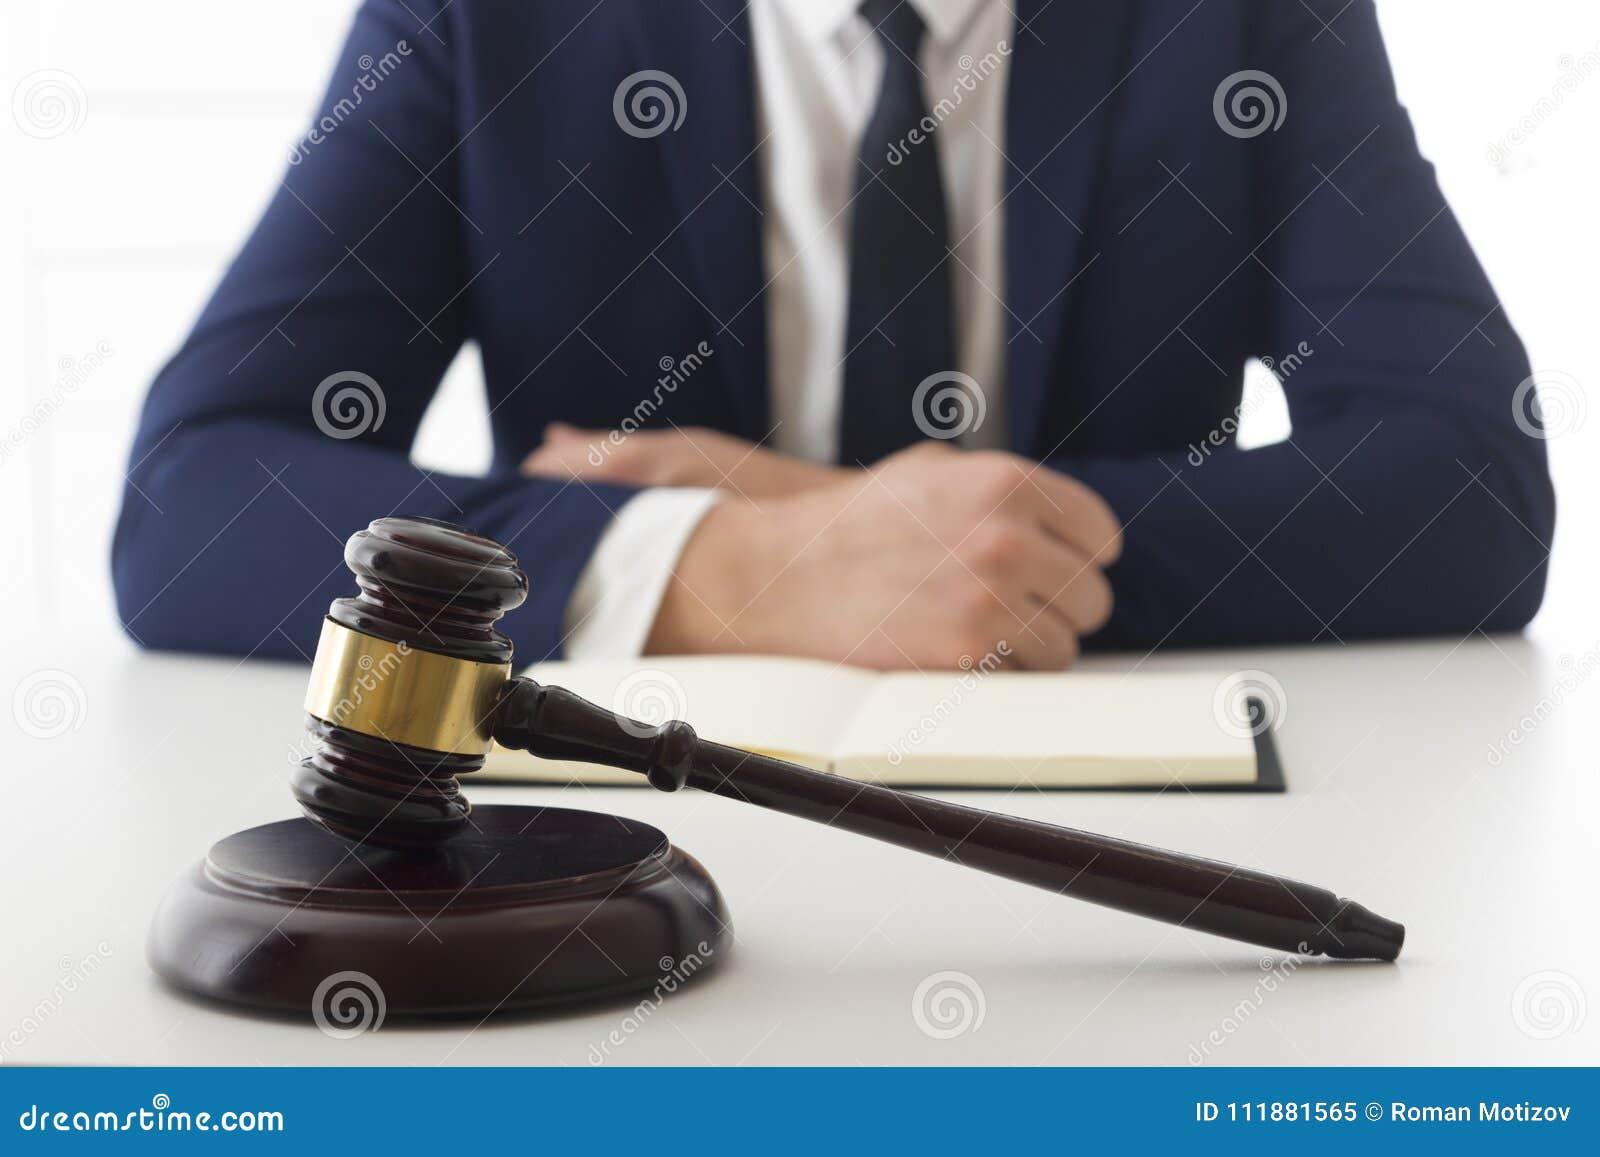 Gesetz, Rat und Rechtsdienstleistungenkonzept Rechtsanwalt und Rechtsanwalt, die Teambesprechung an der Sozietät haben